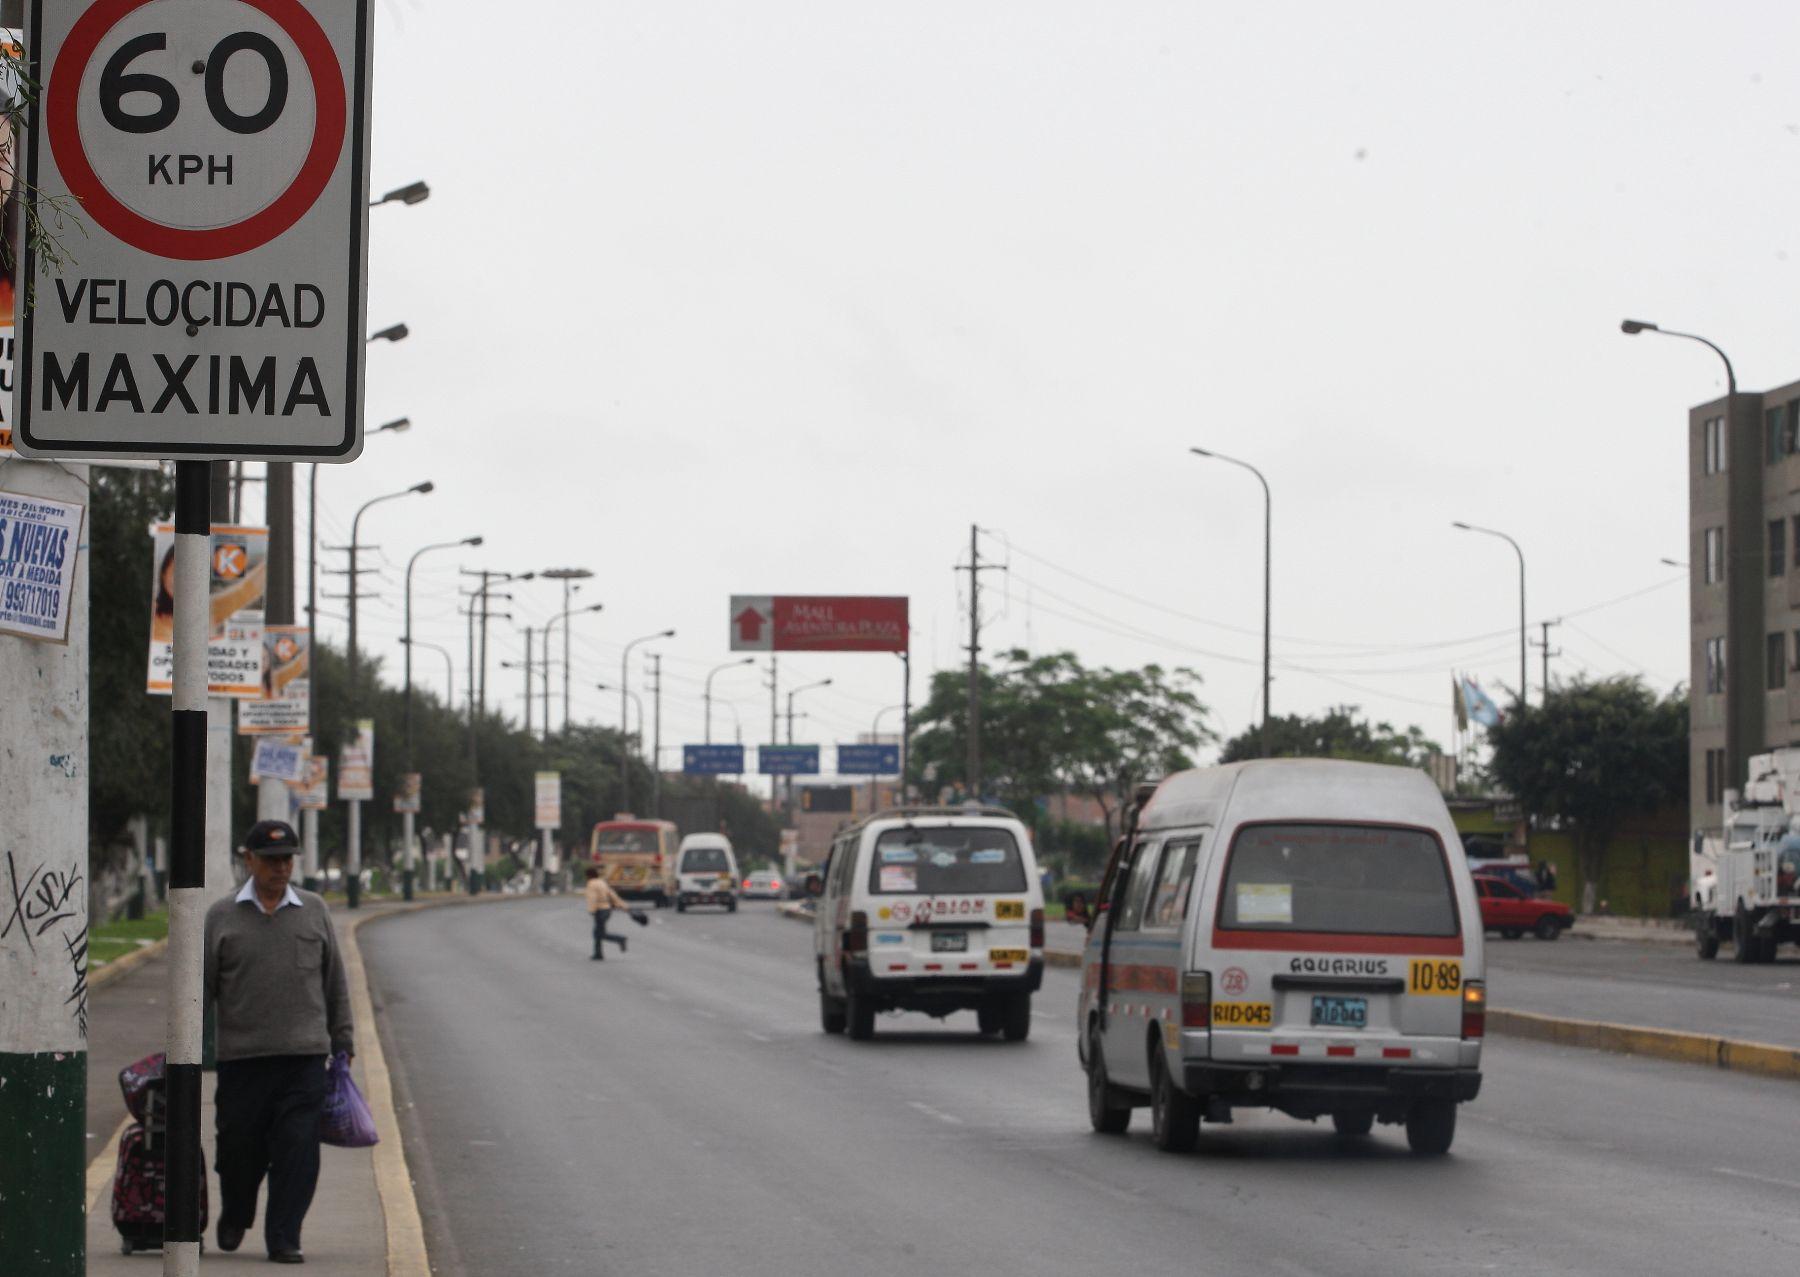 Cambio de velocidad en el Calloa Foto: ANDINA/Norman Córdova